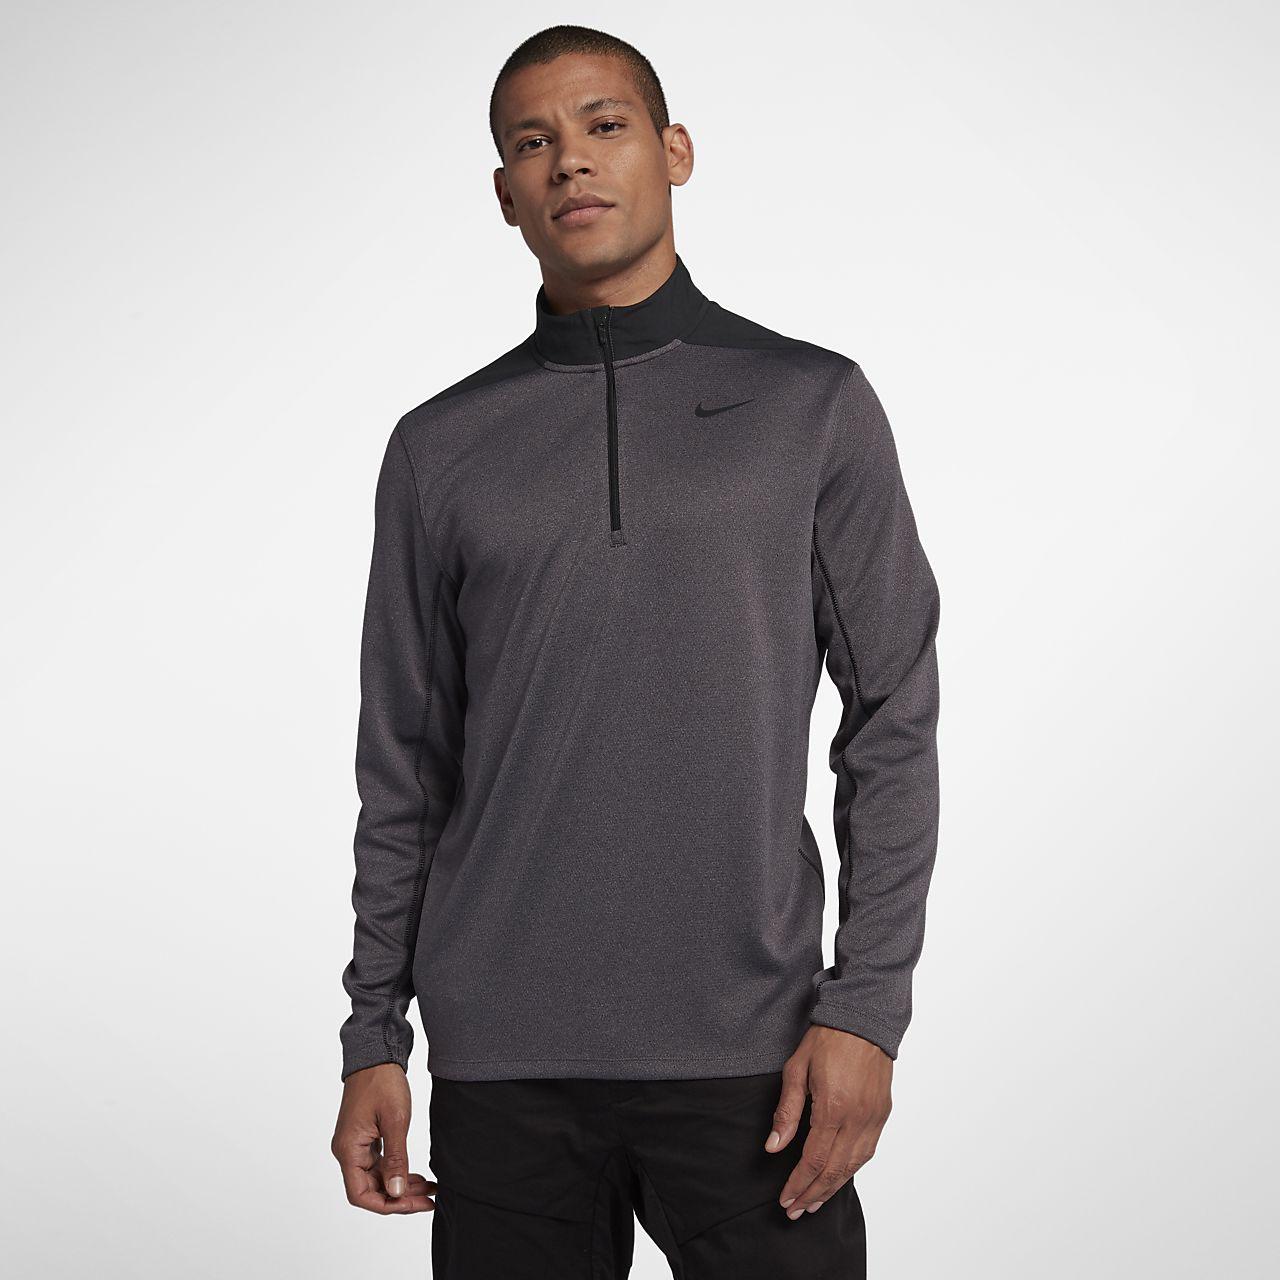 Nike Dri-FIT rövid cipzáras férfi golffelső